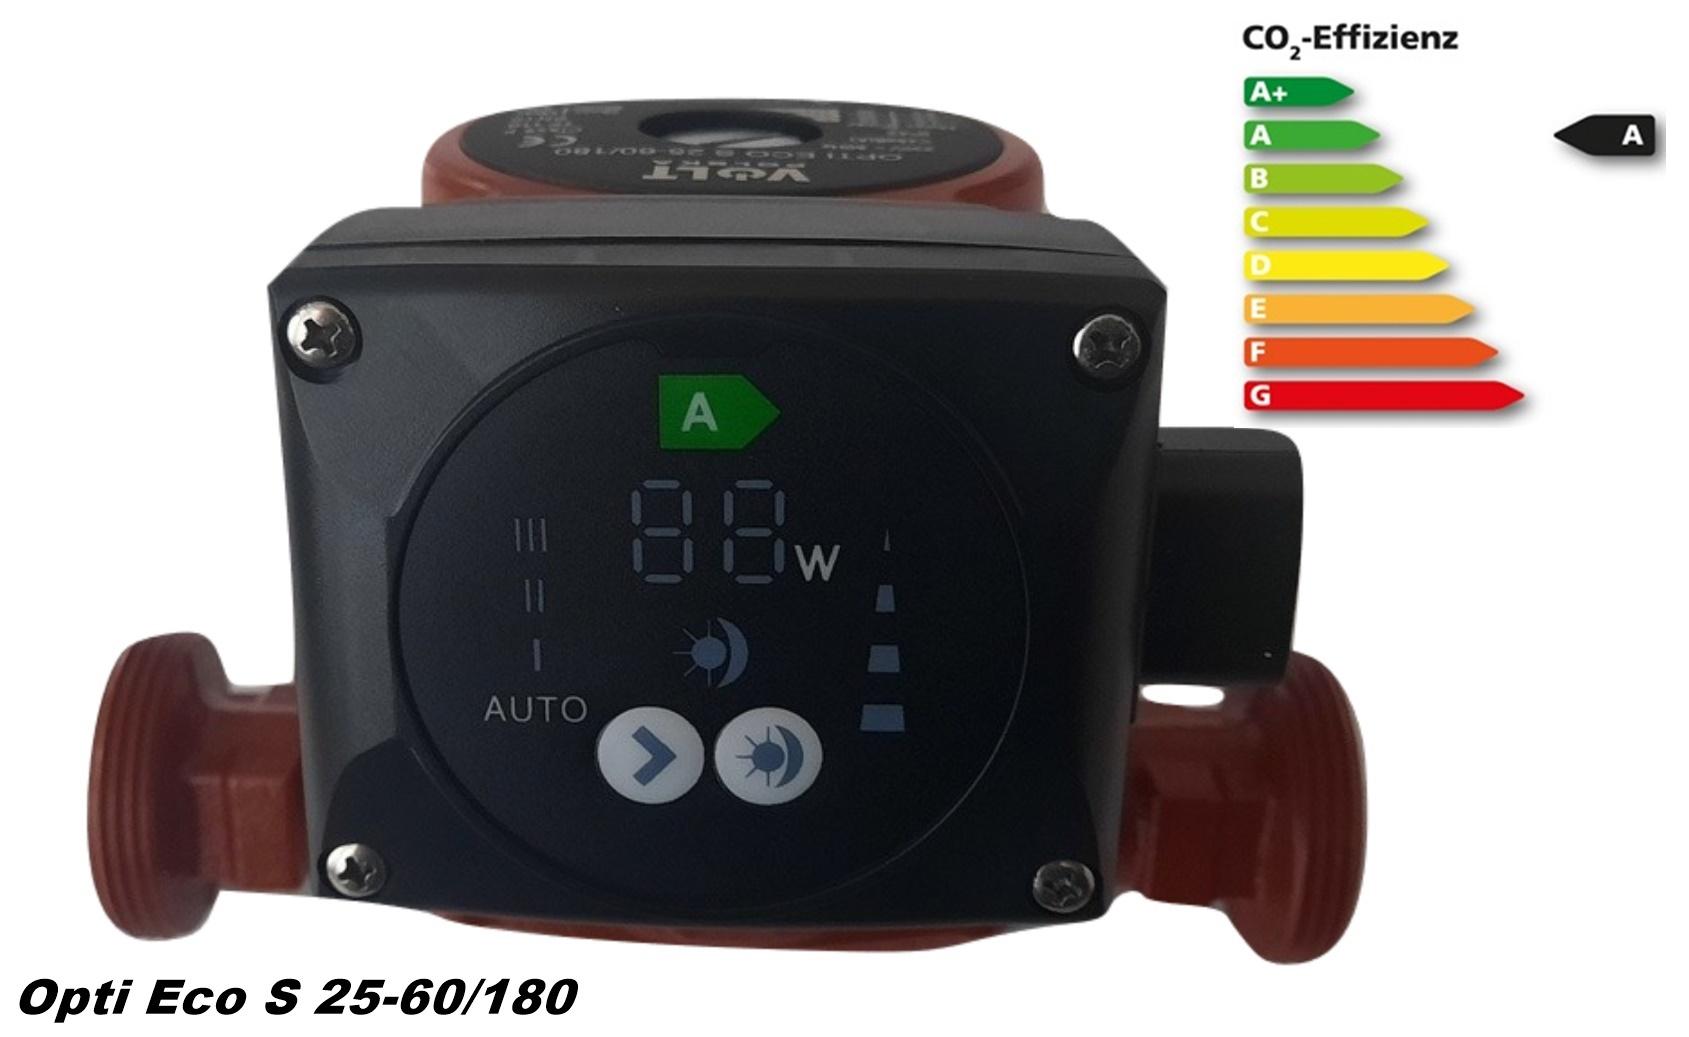 Opti ECO S 25-60/180 Hocheffiziente Zirkulationspumpe Umwälzpumpe Heizungspumpe